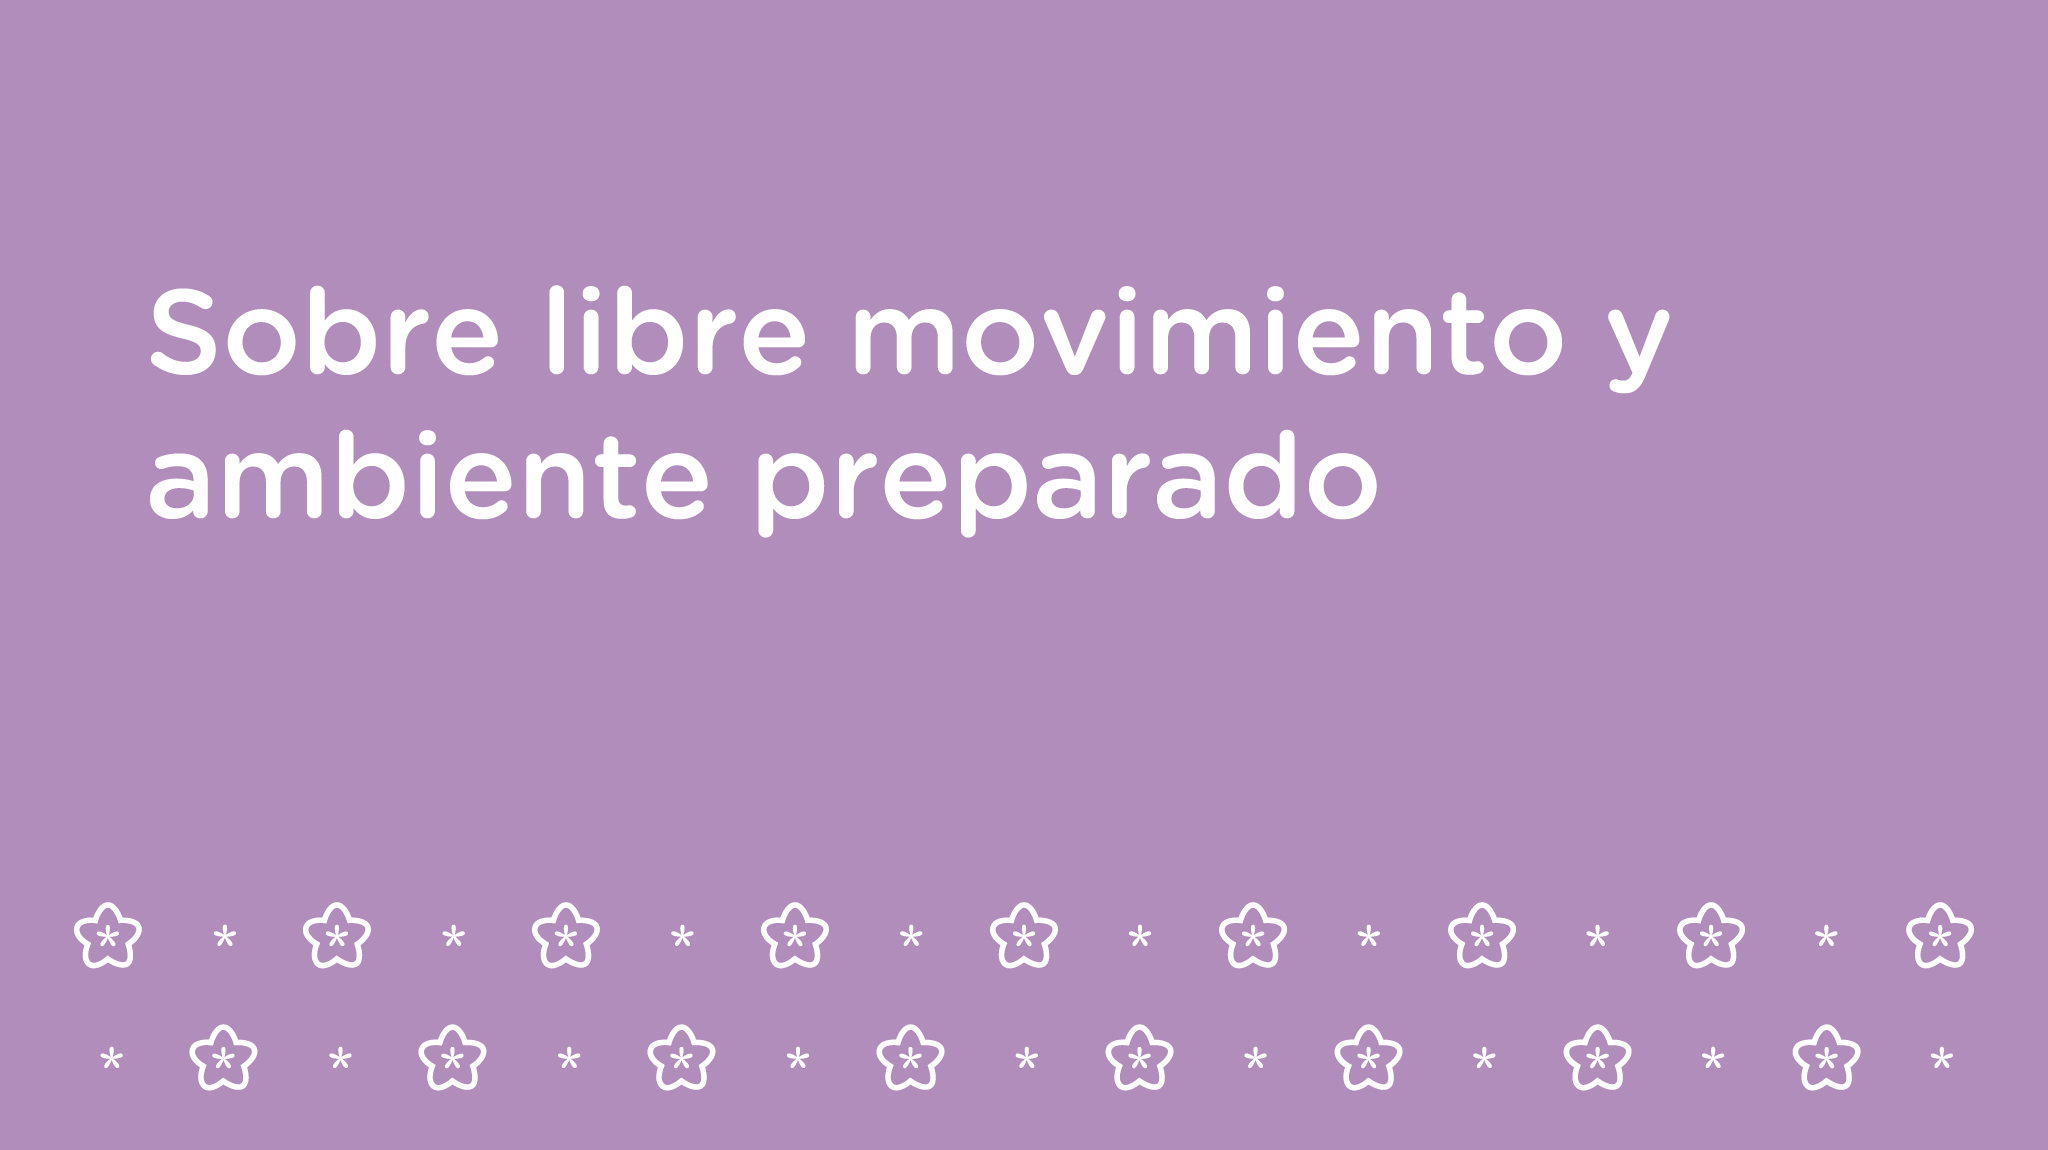 Sobre el libre movimiento y el ambiente preparado